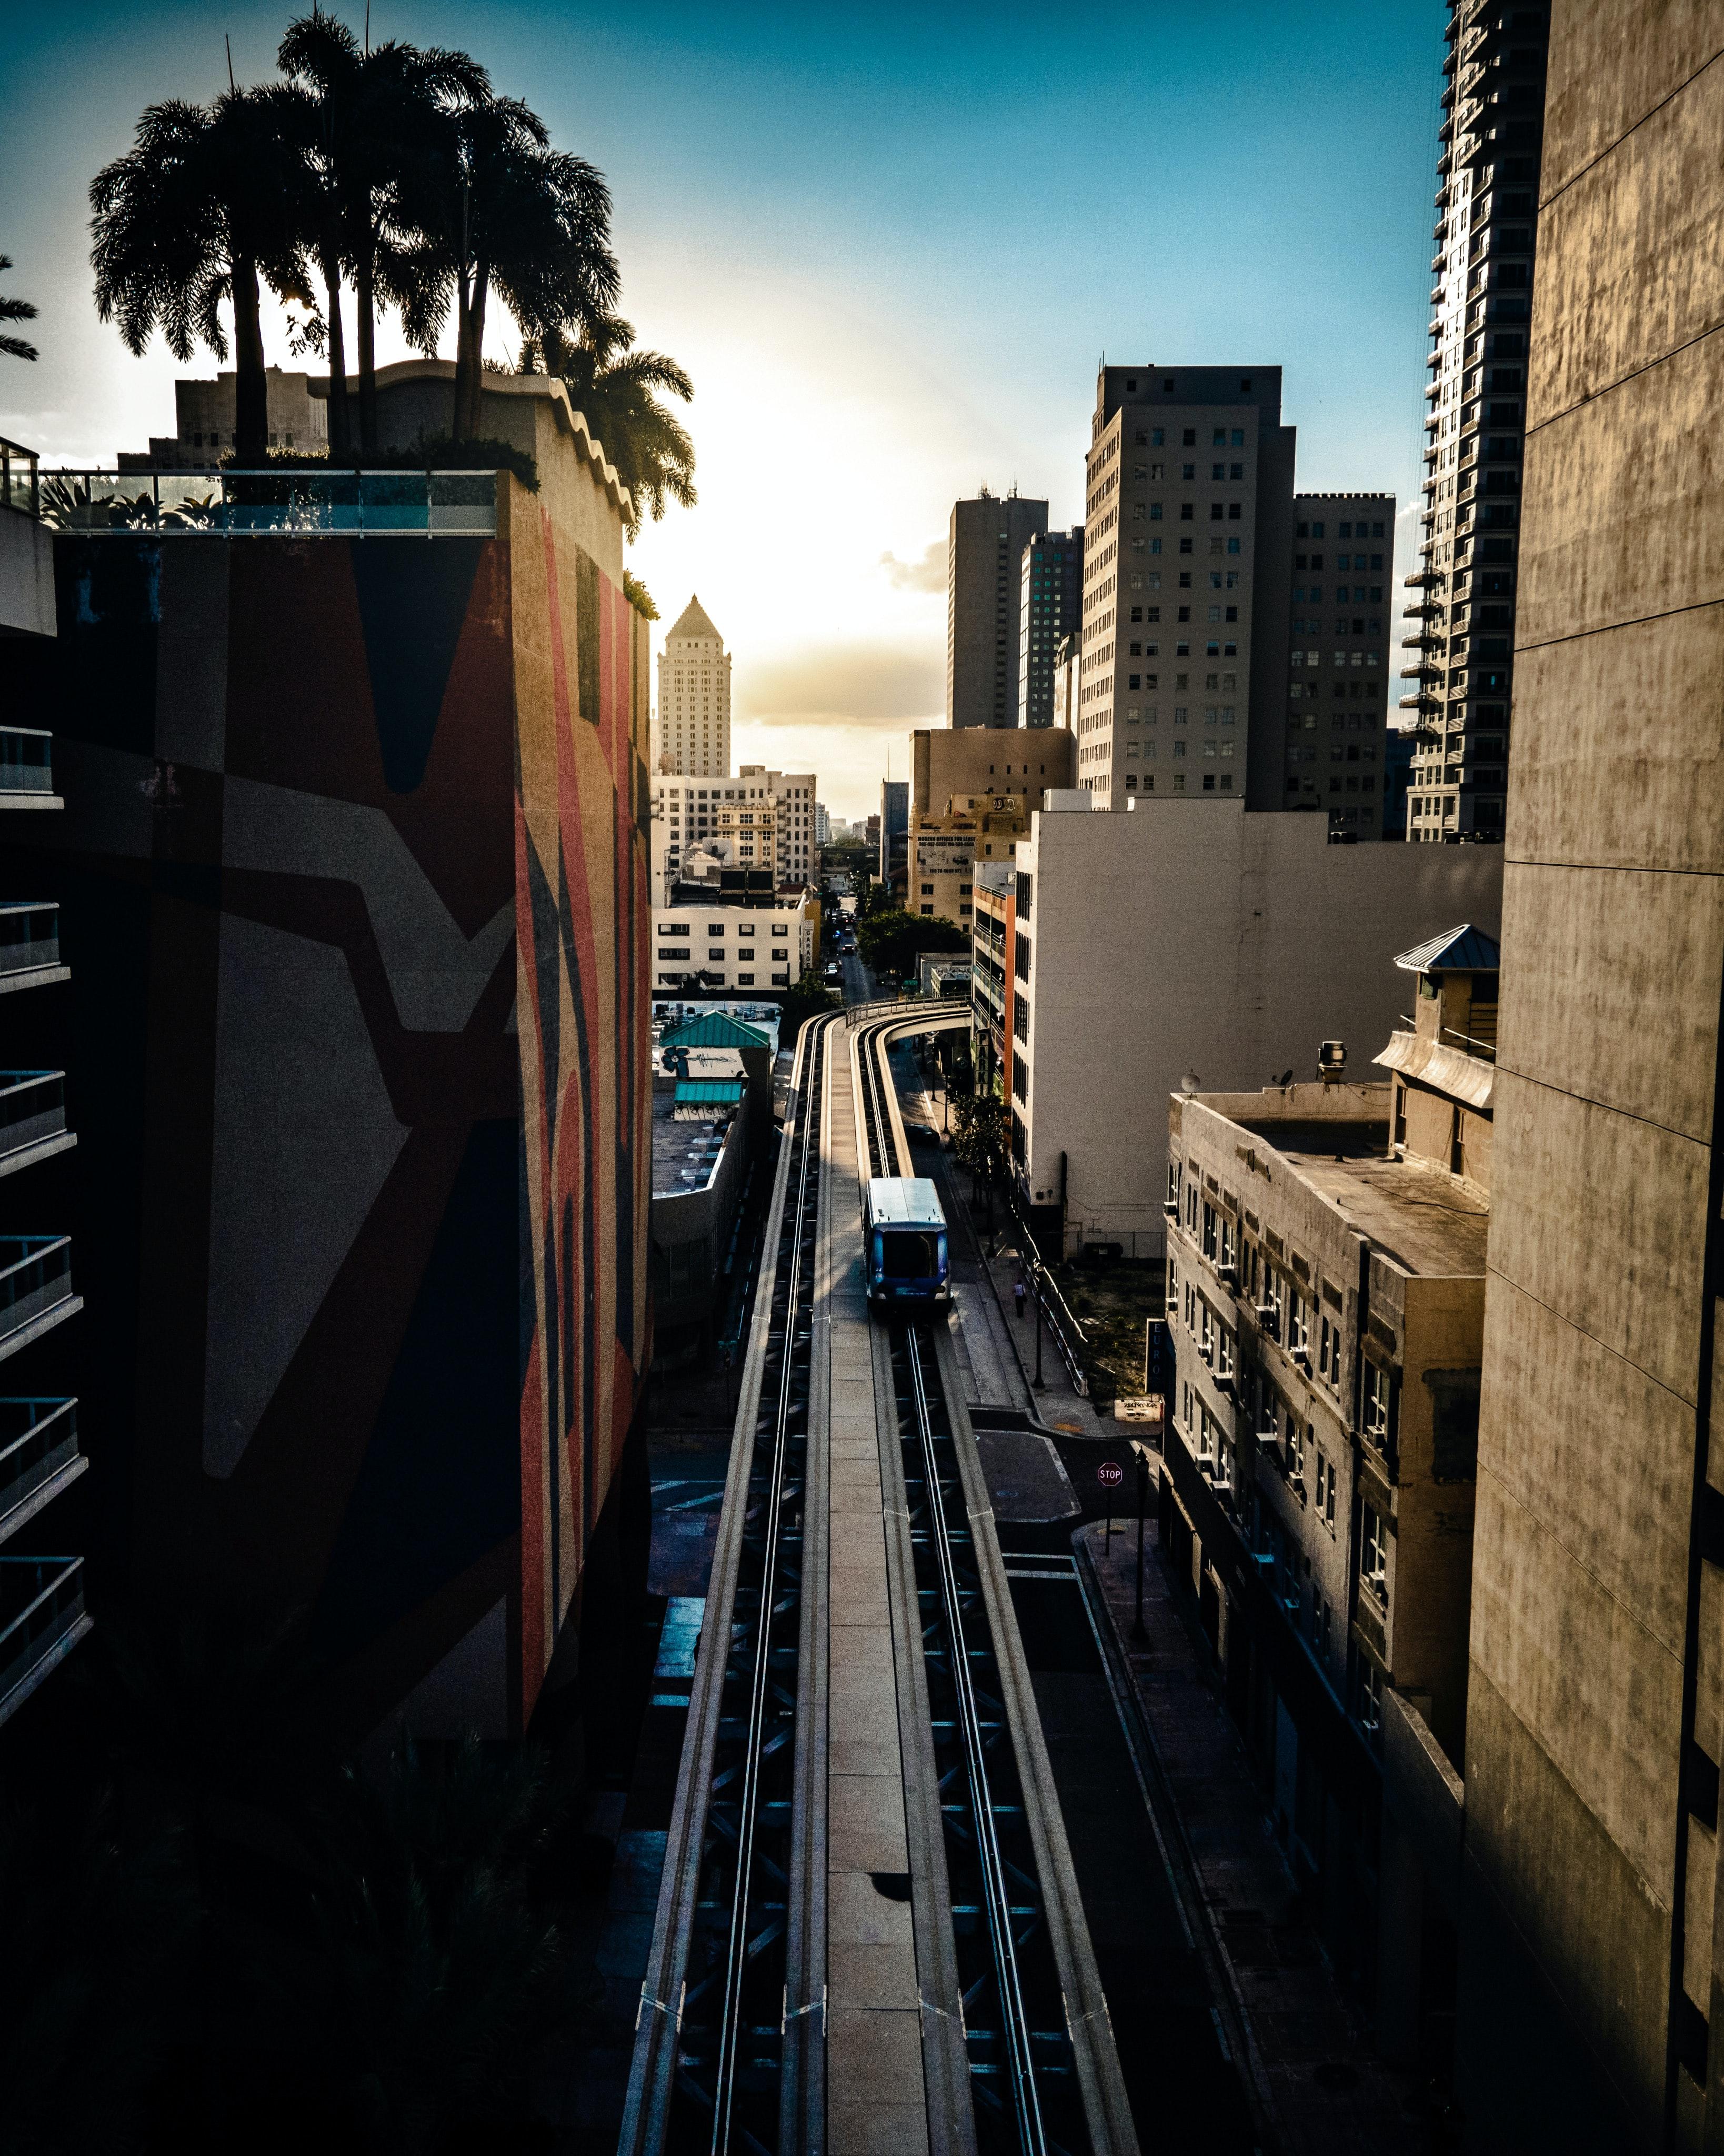 138633壁紙のダウンロード市, 都市, 電車, 列車, 建物, 上から見る-スクリーンセーバーと写真を無料で